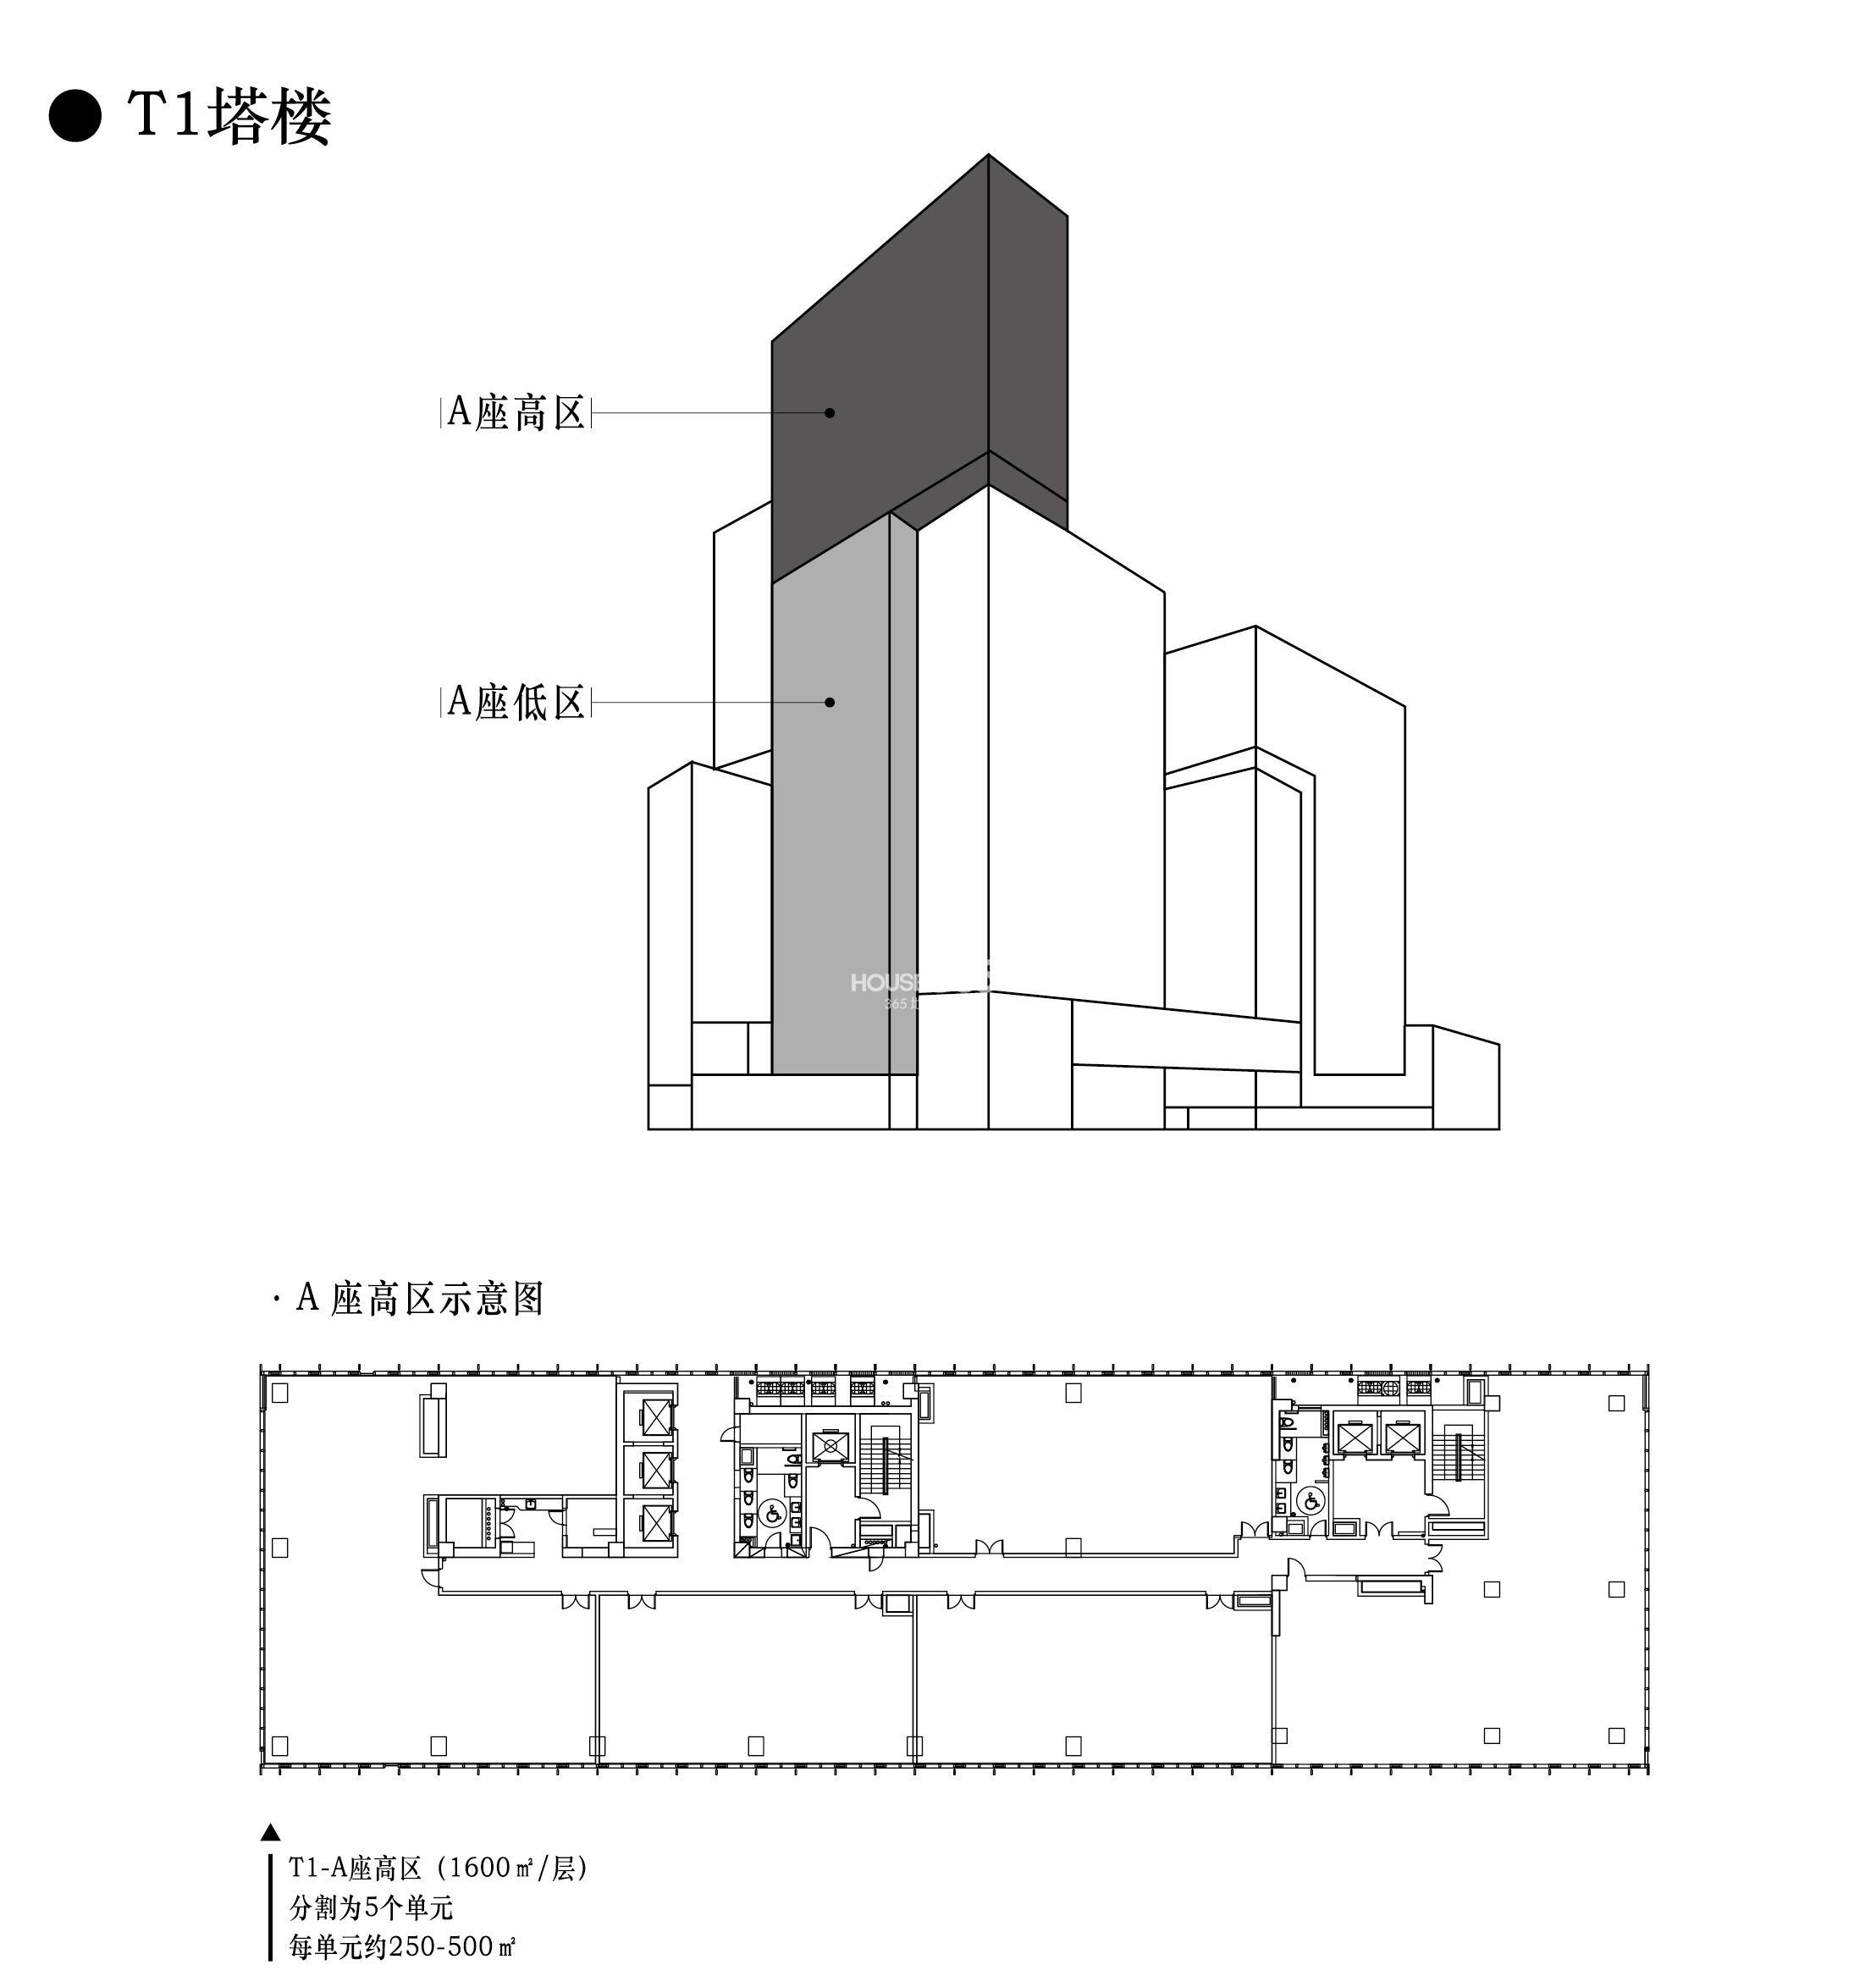 方塔楼平面布置